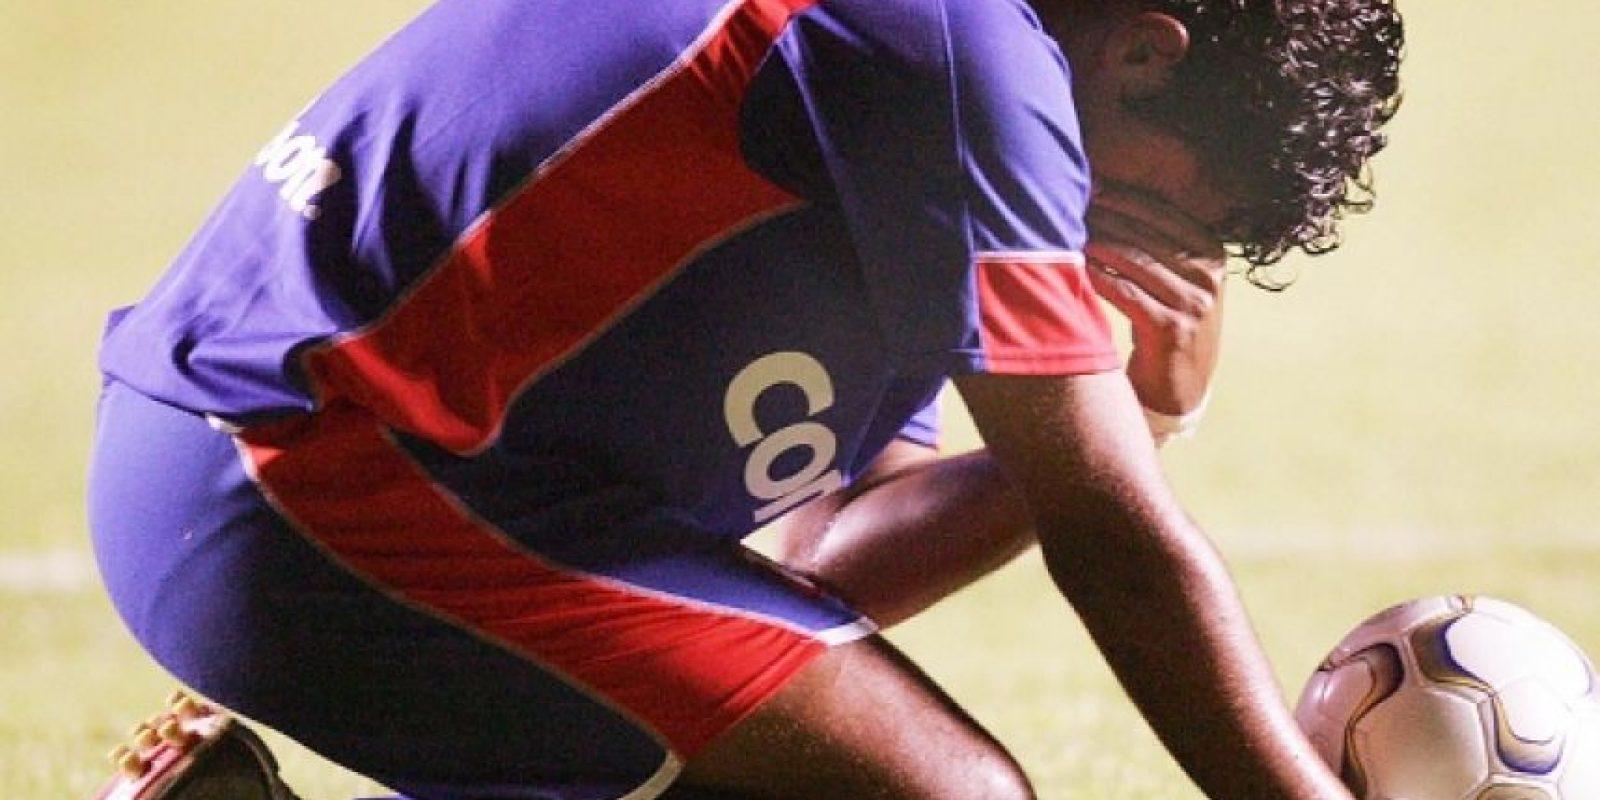 El jugador fue atendido de inmediato, recibió masajes en el corazón y respiración boca a boca, pero no reaccionó. Foto:Getty Images